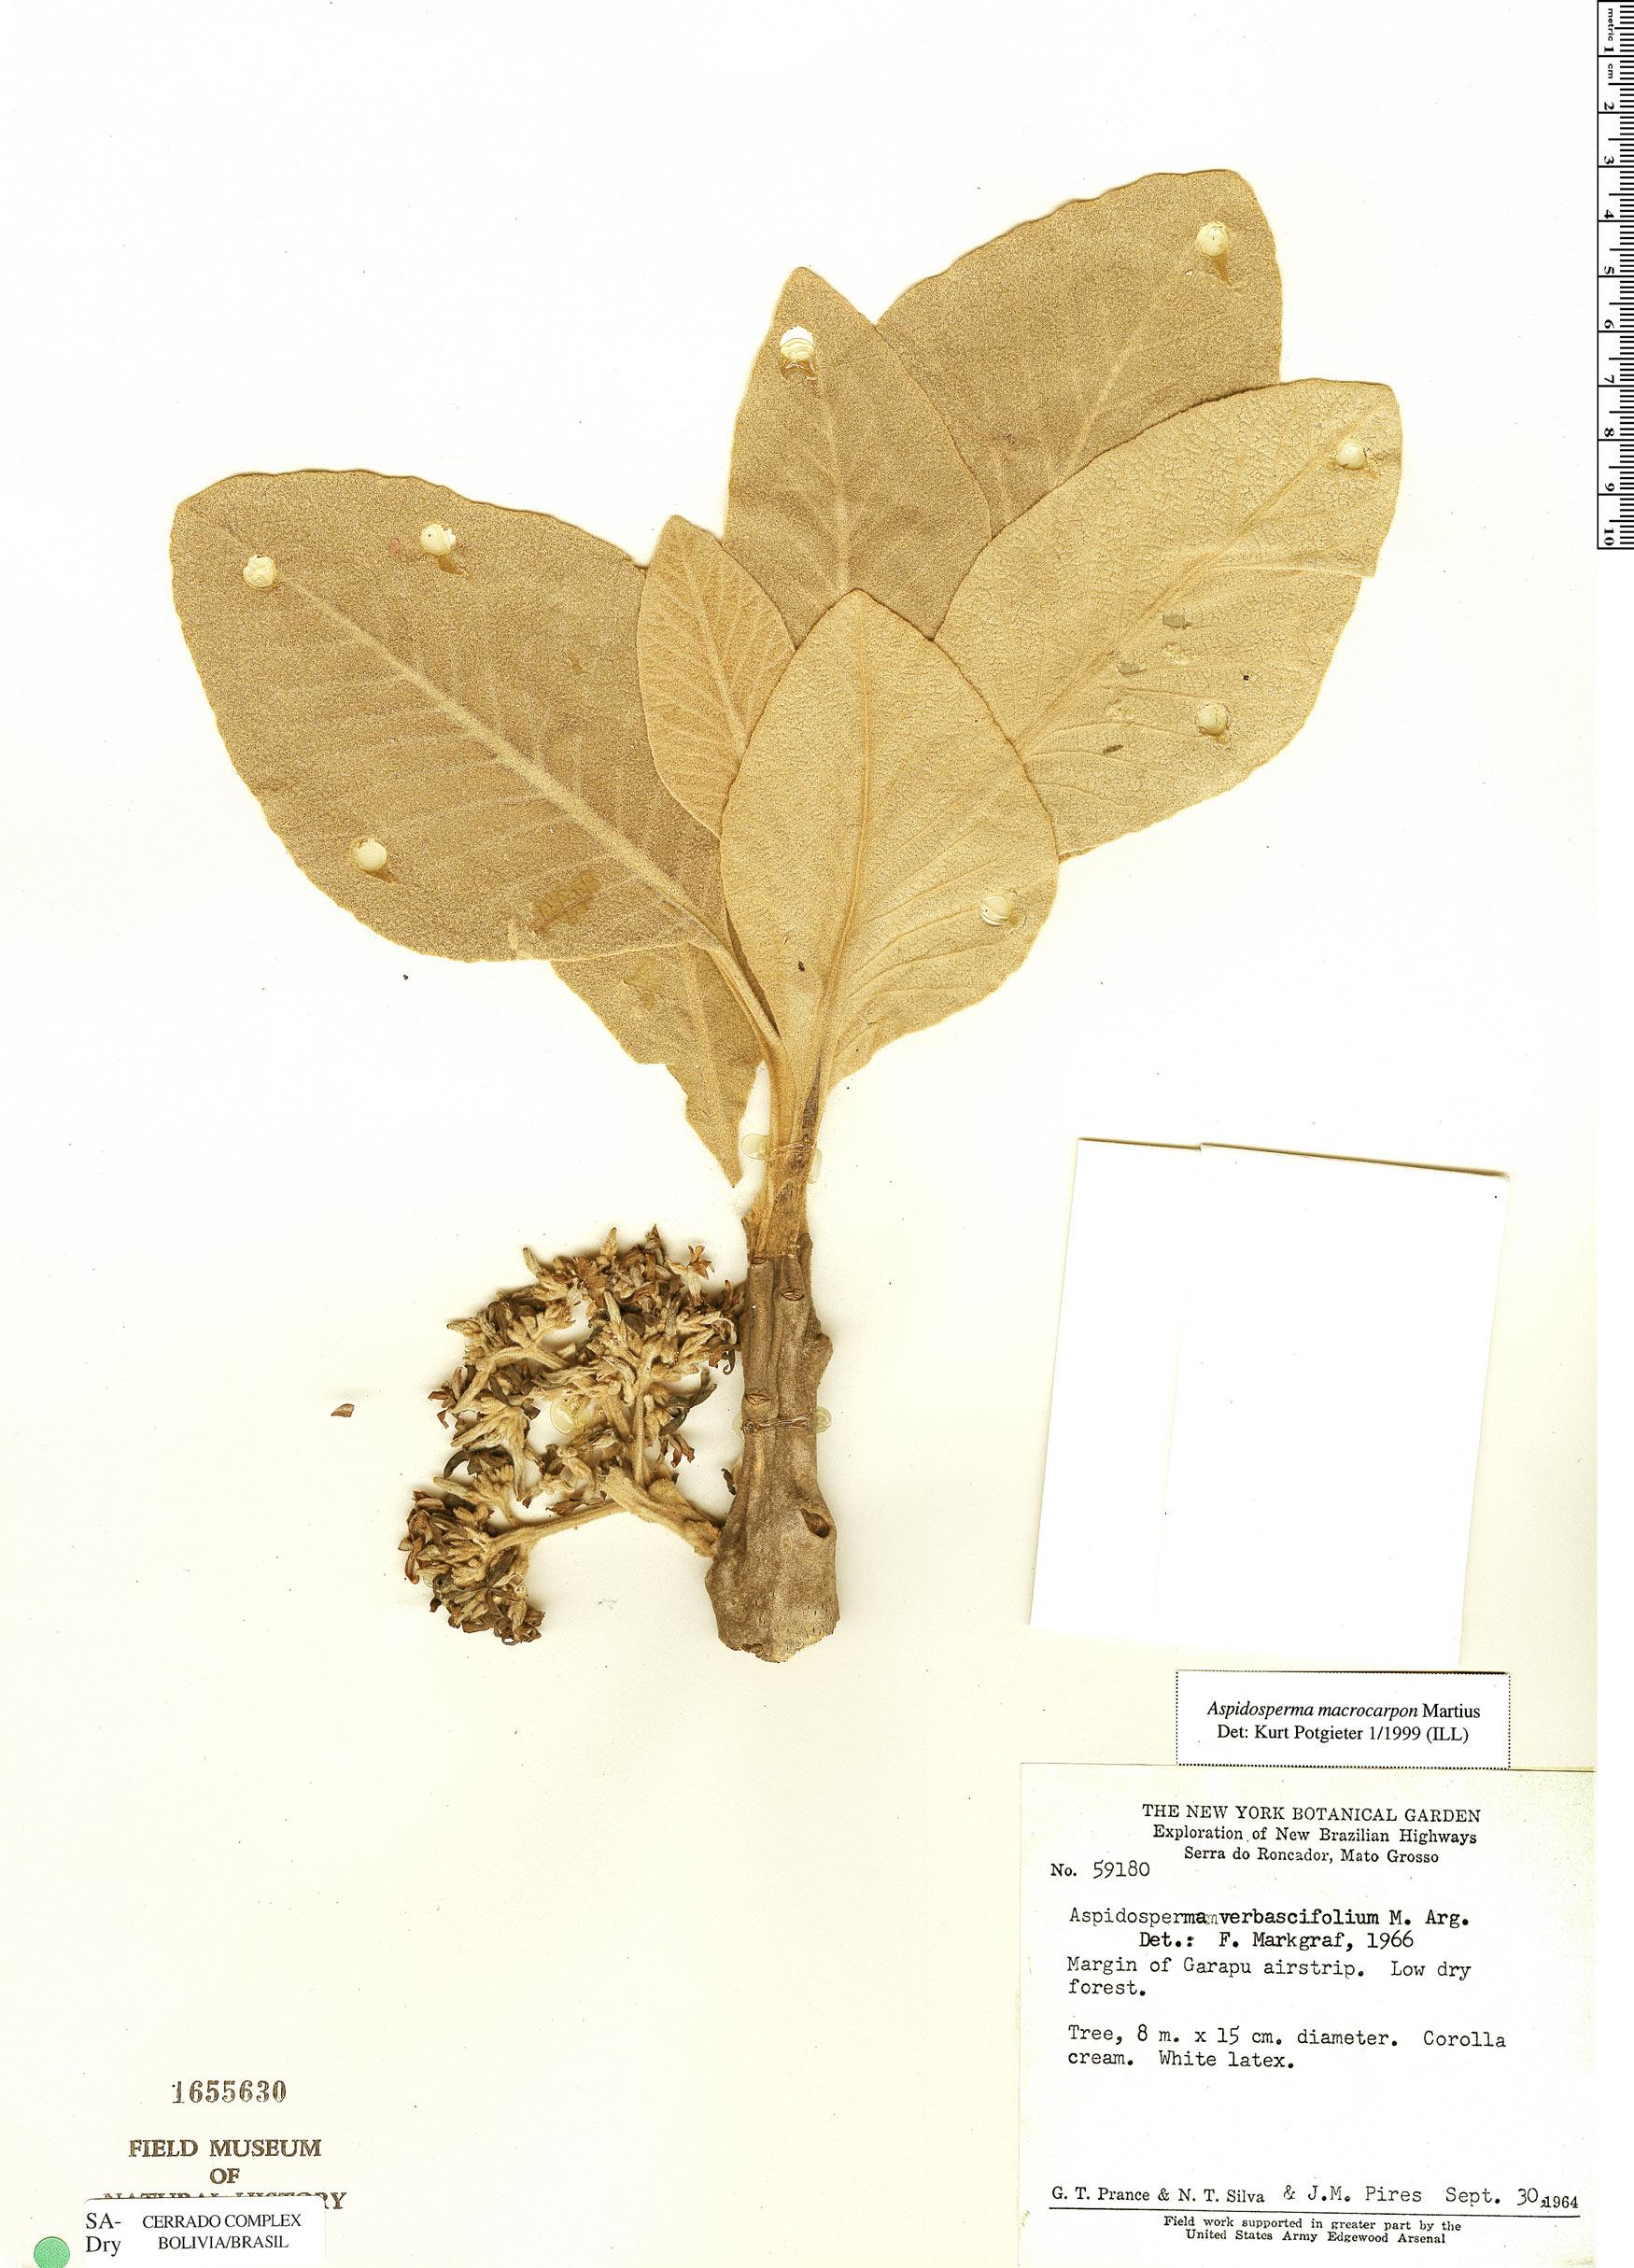 Specimen: Aspidosperma verbascifolium